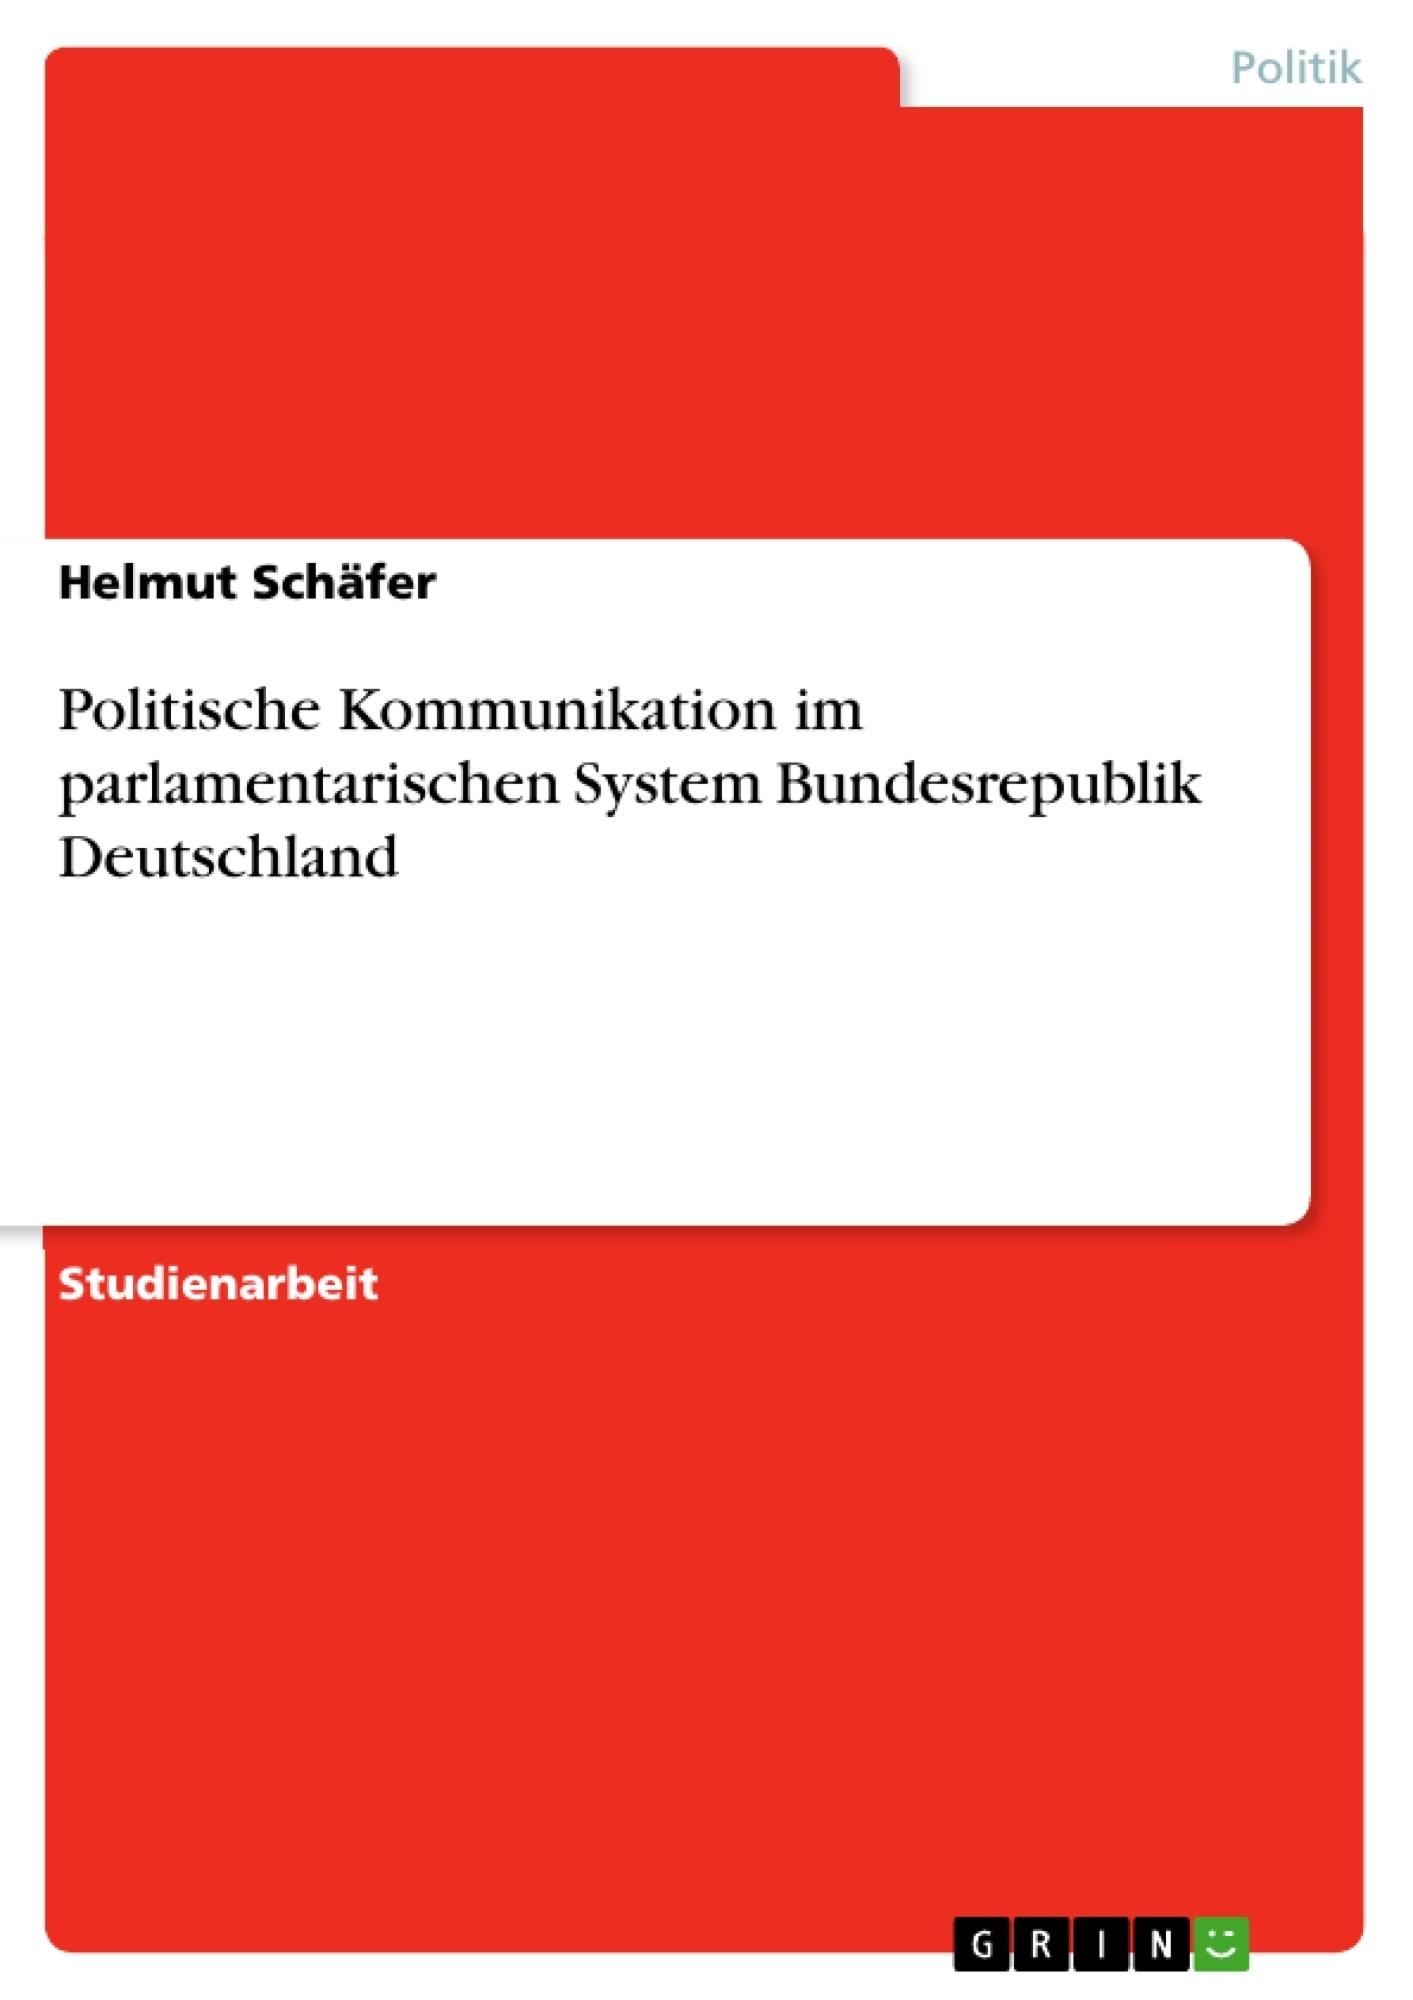 Titel: Politische Kommunikation im parlamentarischen System Bundesrepublik Deutschland